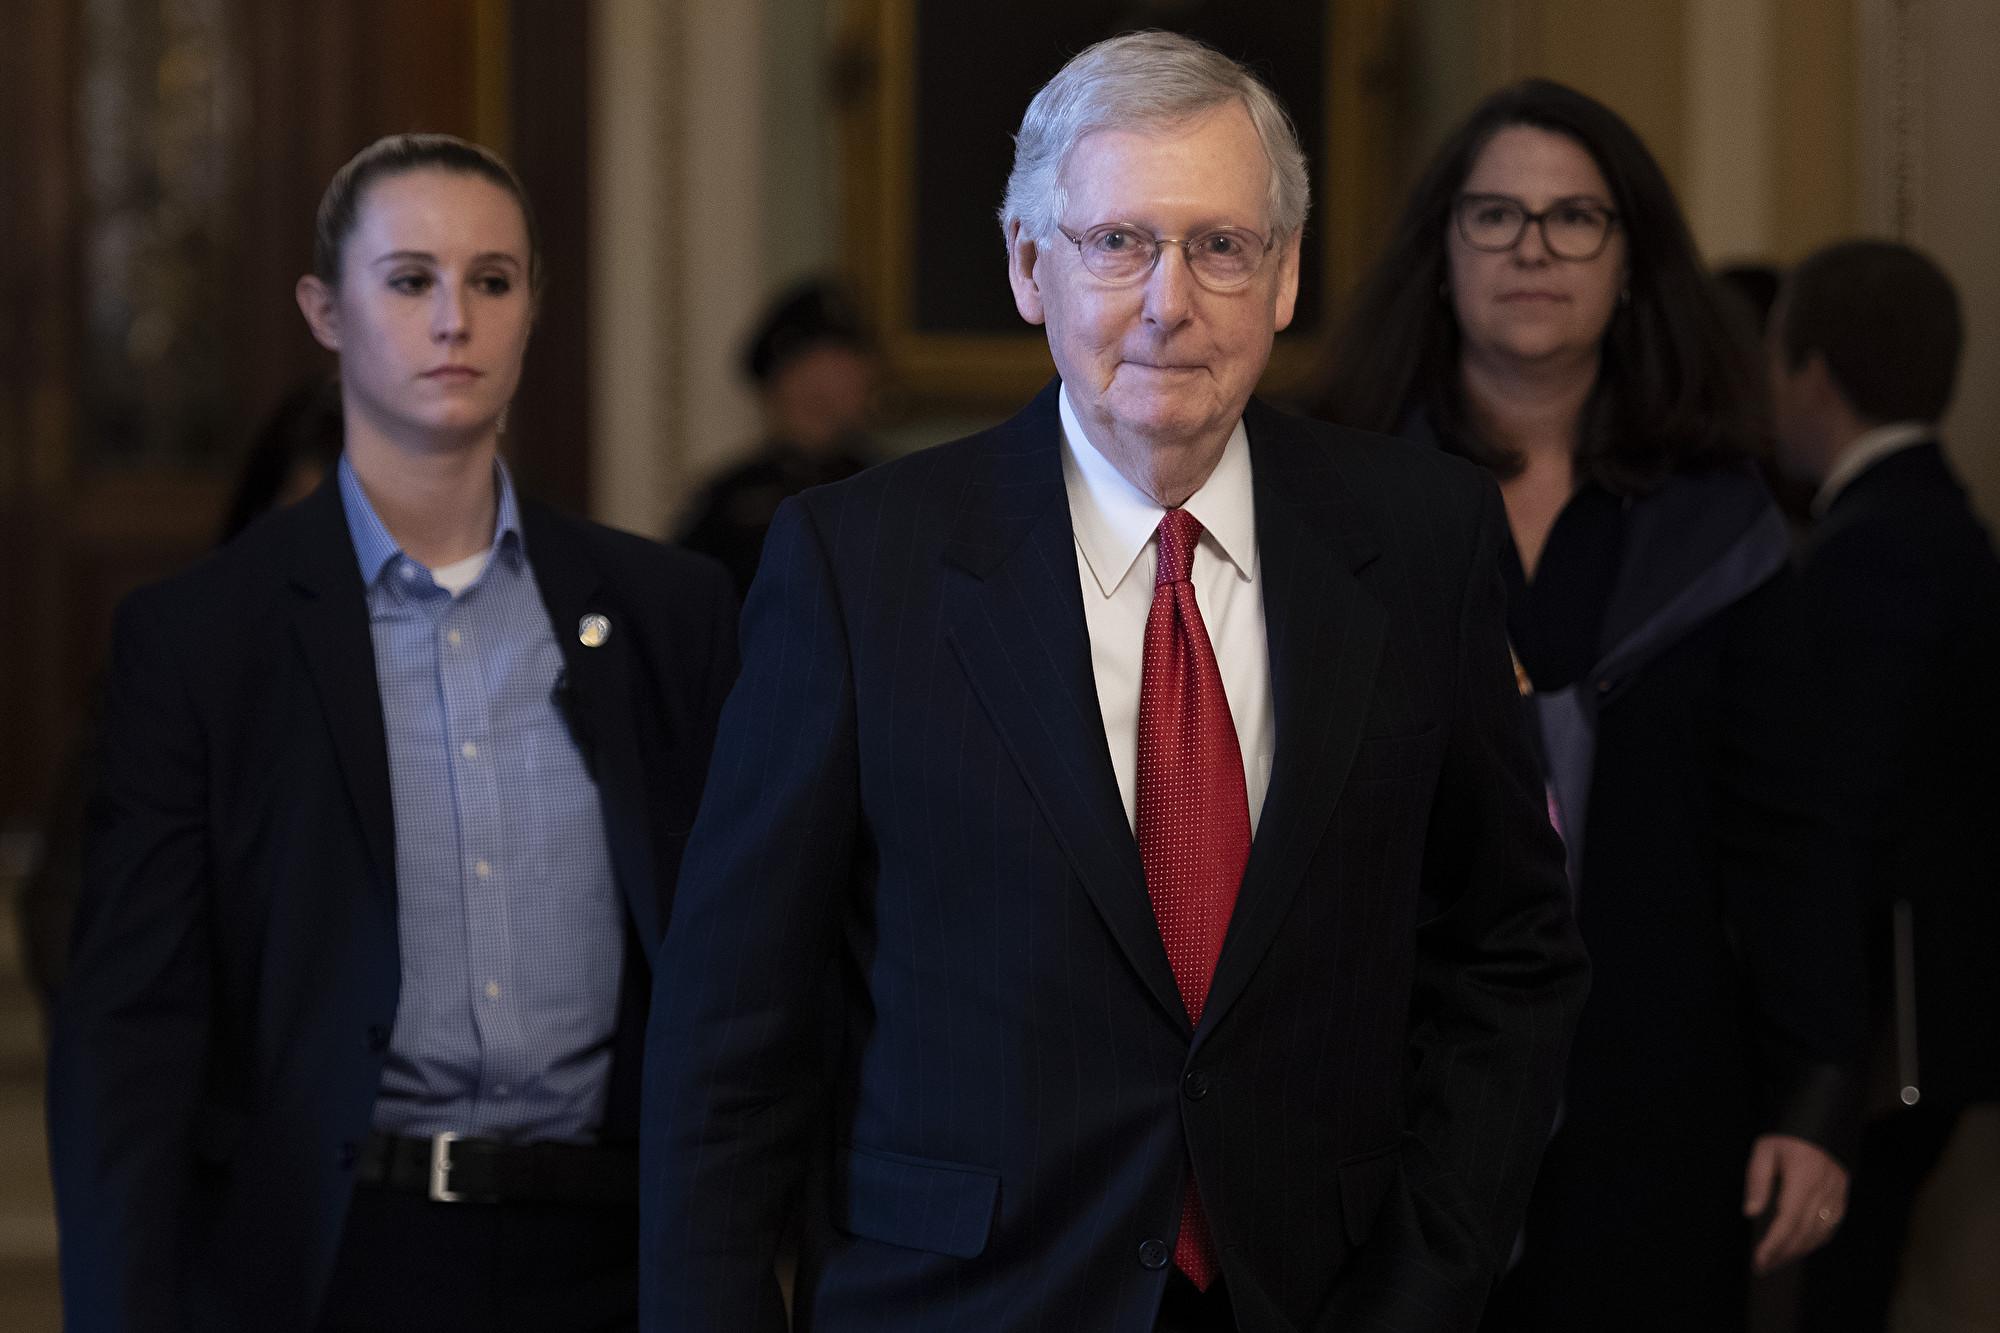 參議院多數黨領袖:特朗普被罷免可能性是零